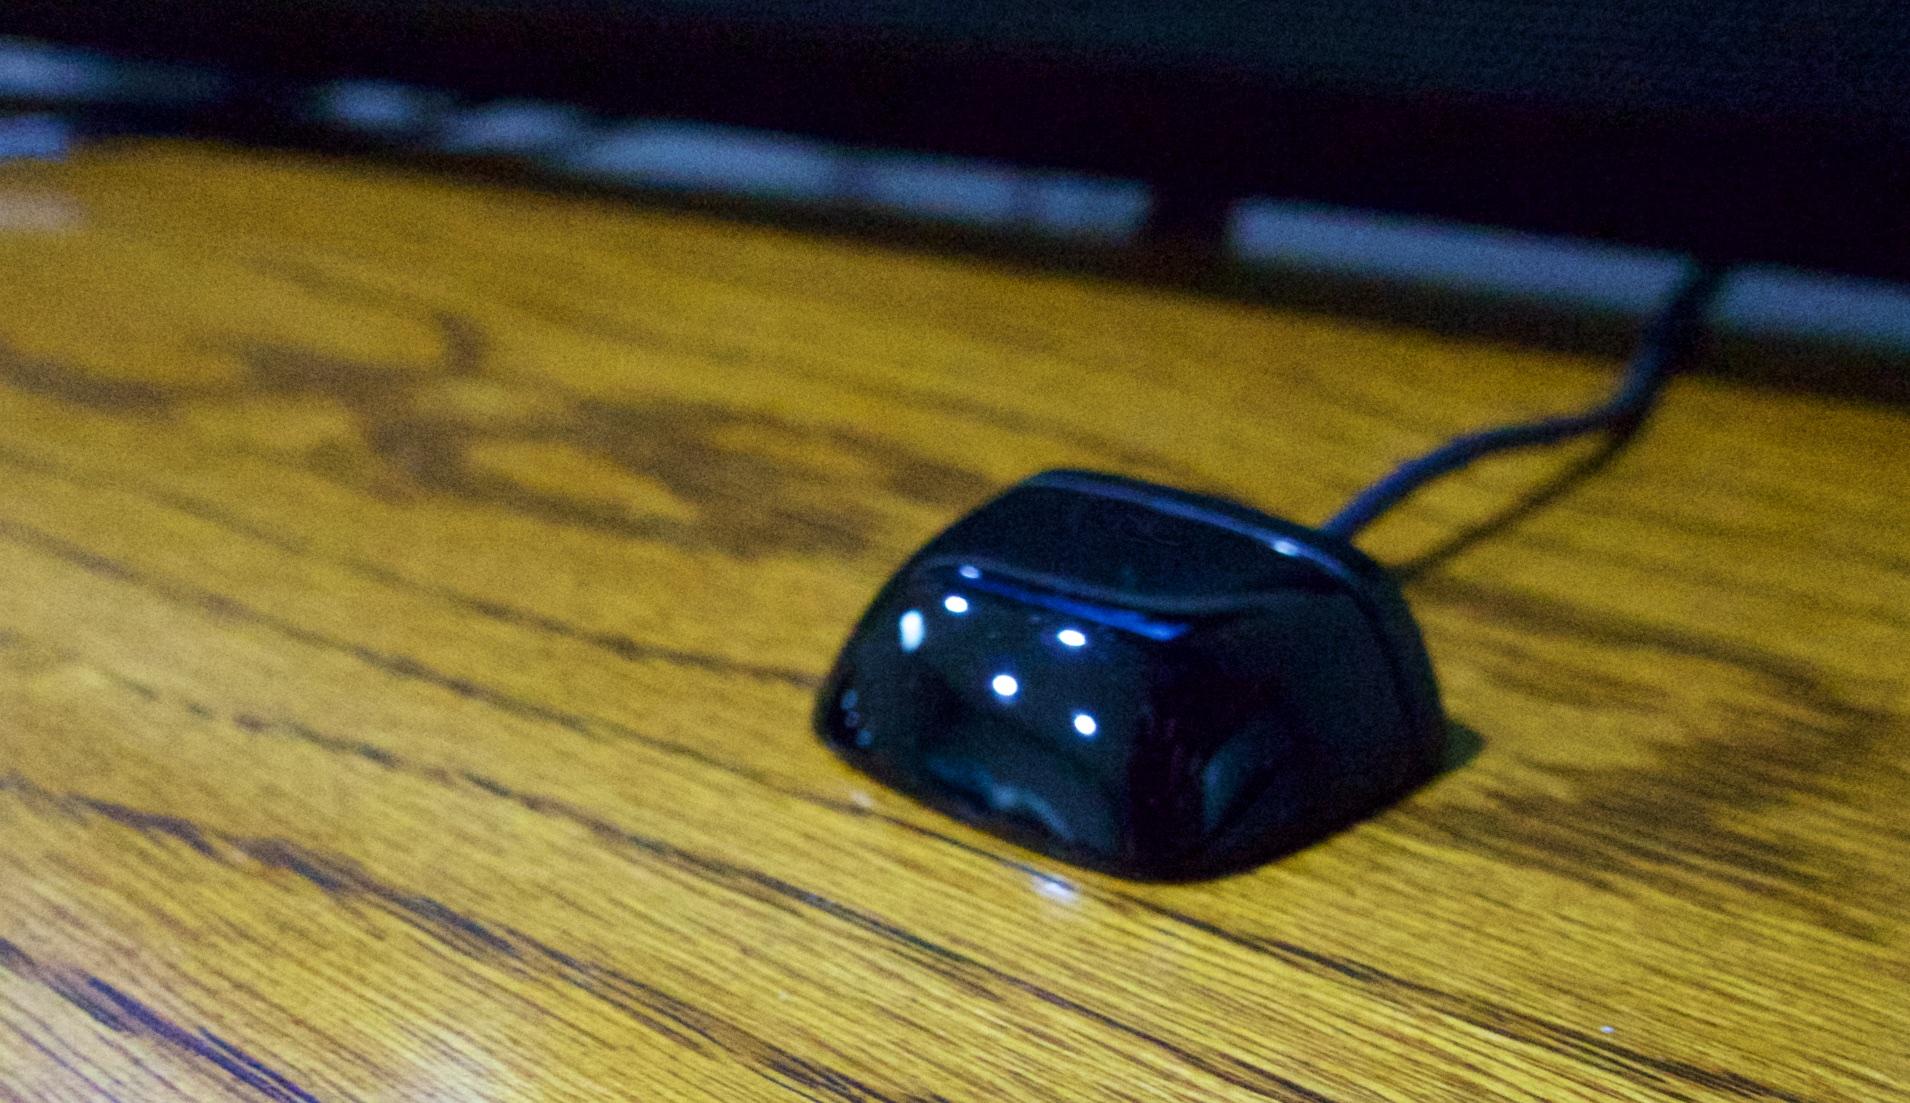 Placera IR-sensorer för att styra dina enheter.